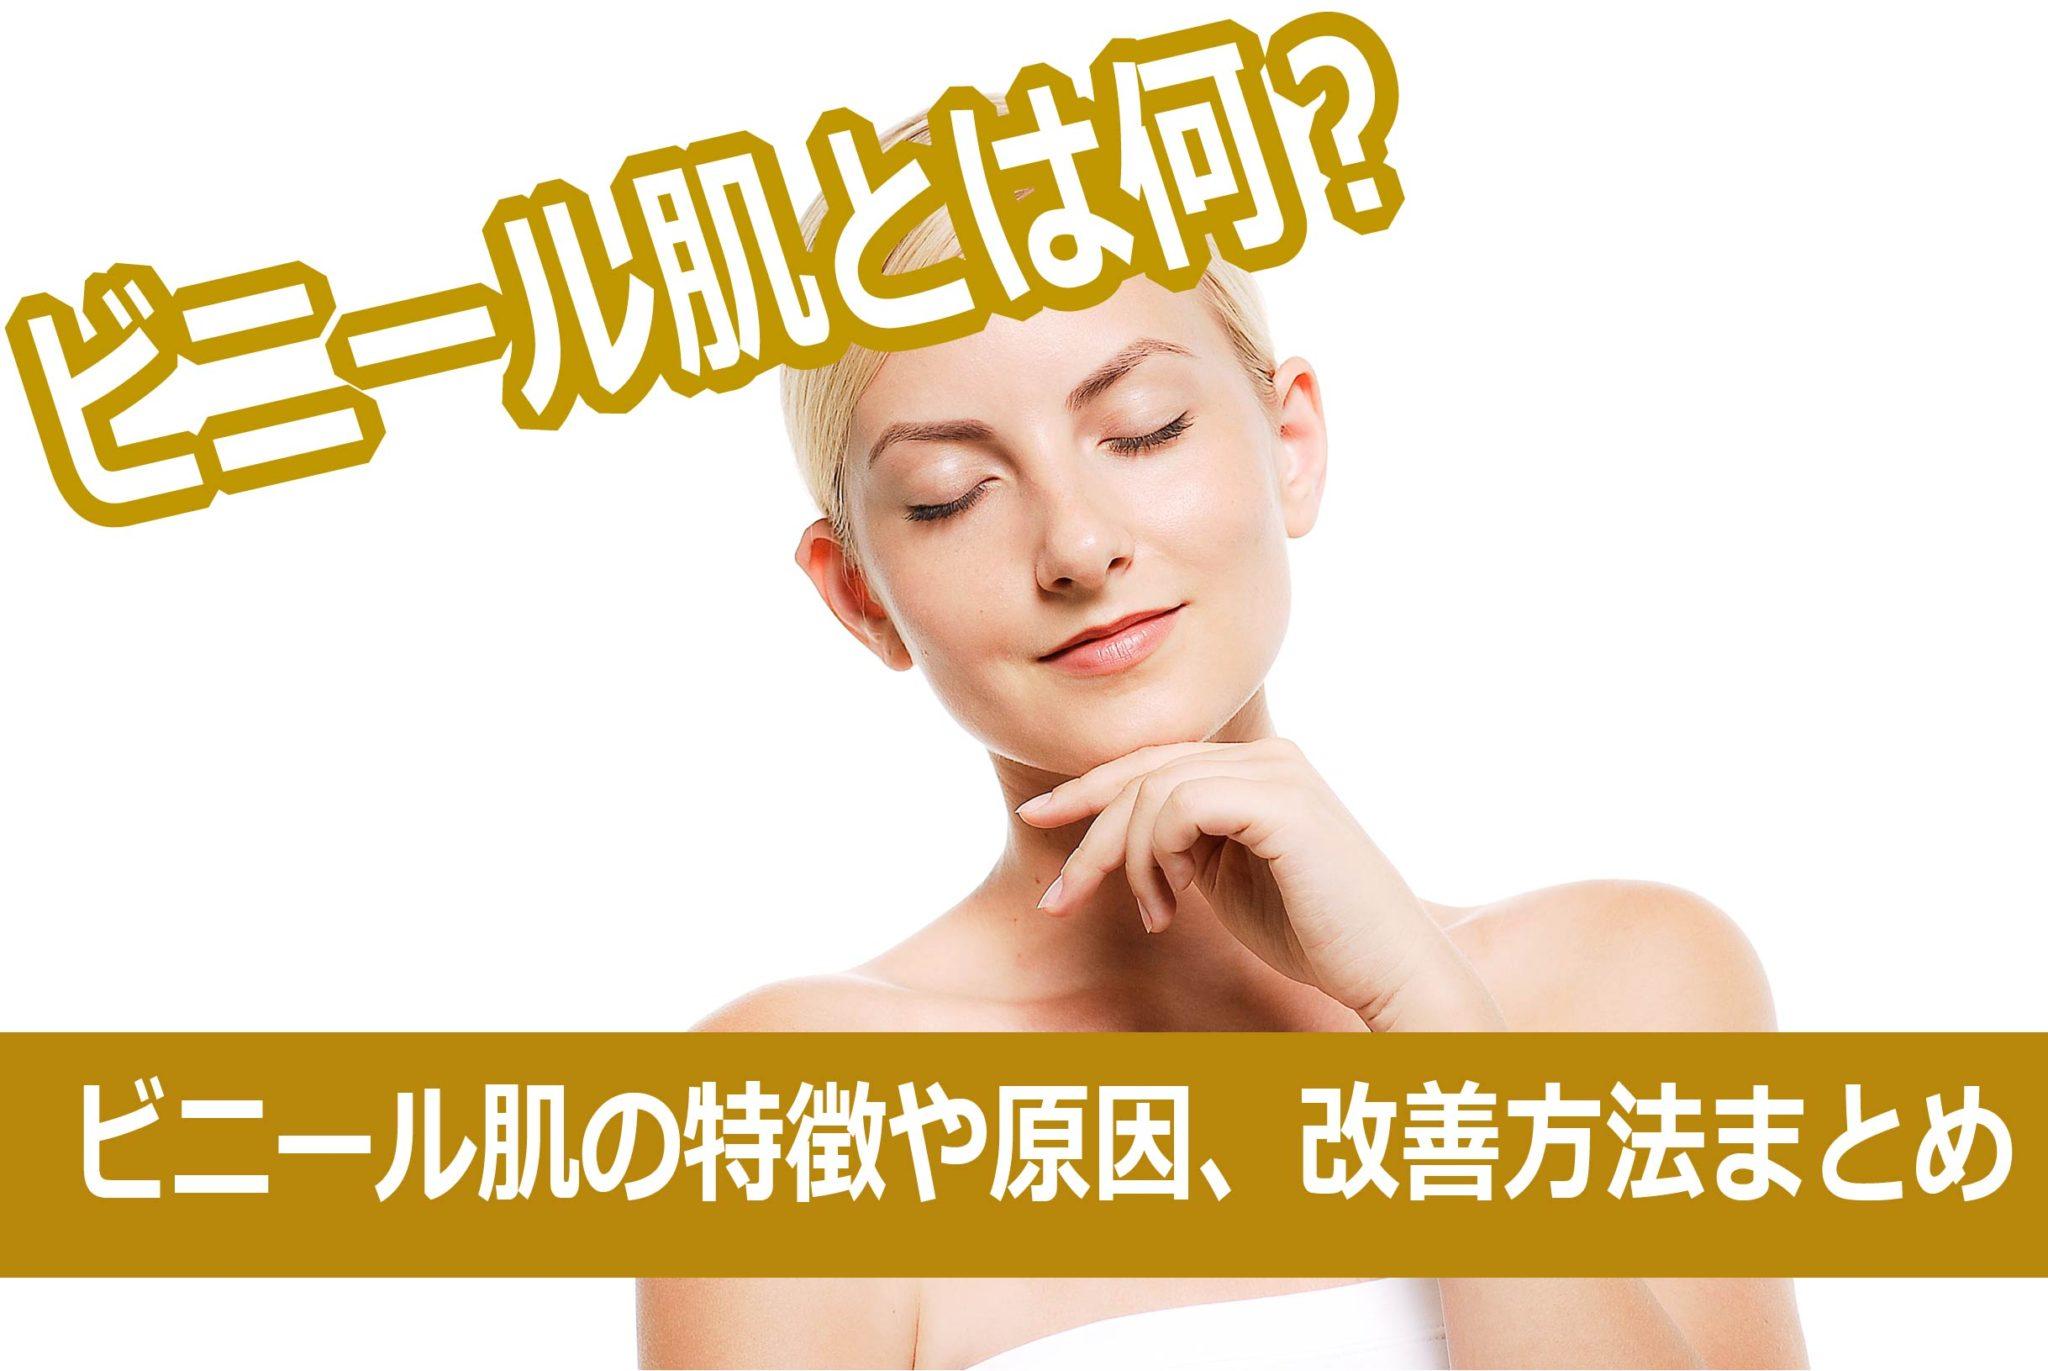 ビニール肌とは何?ビニール肌の特徴や原因、改善方法まとめ